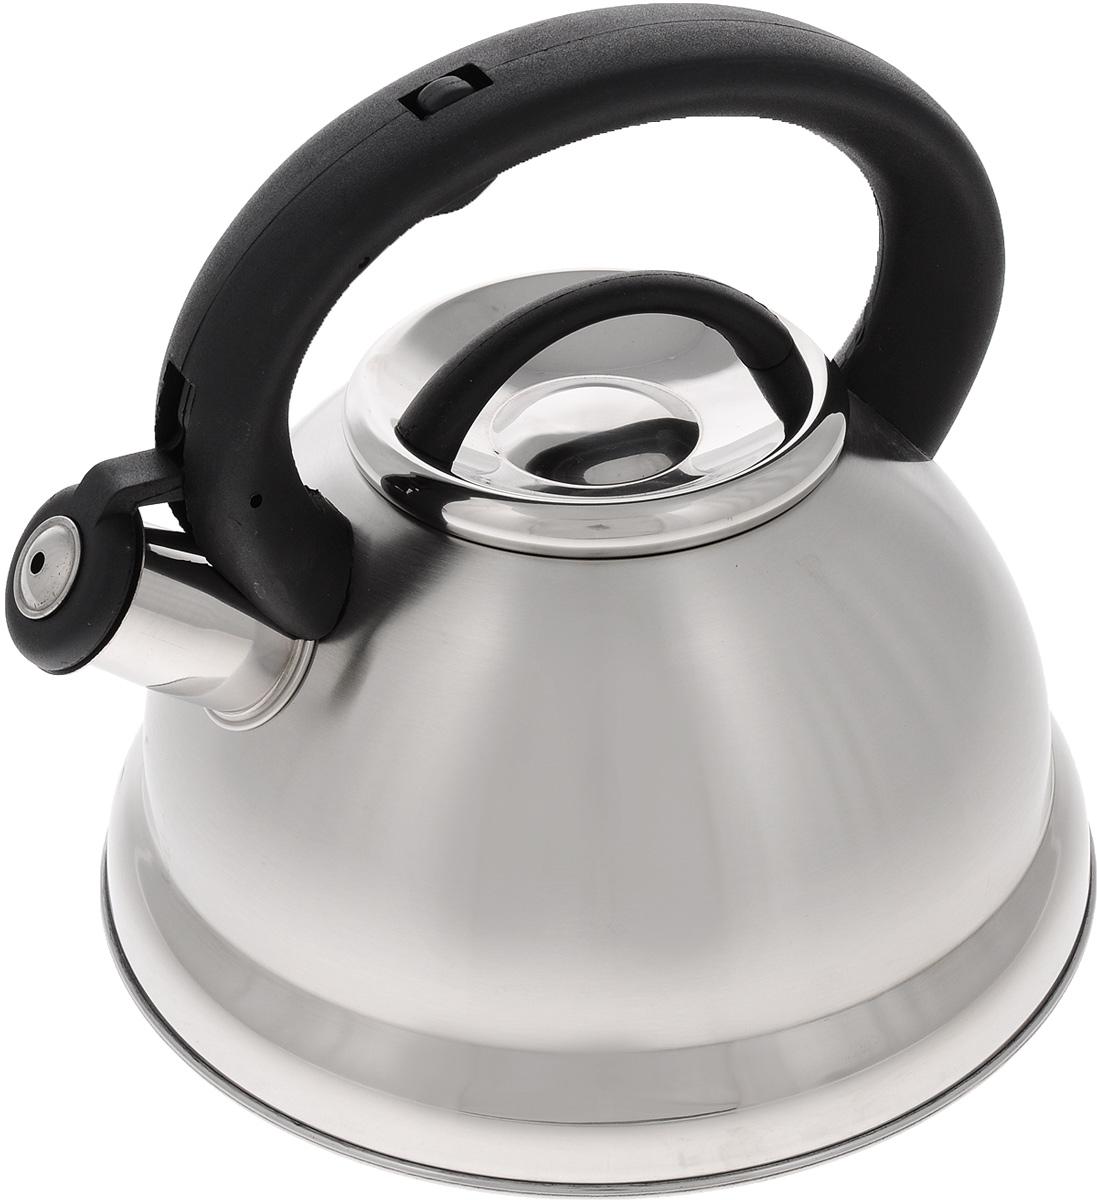 Чайник Mayer & Boch, со свистком, 2,8 л. 2163521635Чайник Mayer & Boch выполнен из высококачественнойнержавеющей стали, что делает его весьма гигиеничным иустойчивым к износу при длительном использовании. Носикчайника оснащен откидным свистком, звуковой сигналкоторого подскажет, когда закипит вода. Свисток открываетсянажатием кнопки на ручке. Фиксированная ручка,изготовленная из пластика, делает использование чайникаочень удобным и безопасным. Поверхность чайника гладкая,что облегчает уход за ним.Эстетичный и функциональный, такой чайник будеторигинально смотреться в любом интерьере.Чайник пригоден для всех типов плит, включаяиндукционные.Можно мыть в посудомоечной машине. Высота чайника (без учета ручки и крышки): 12 см. Высота чайника (с учетом ручки и крышки): 21 см. Диаметр чайника (по верхнему краю): 10 см.